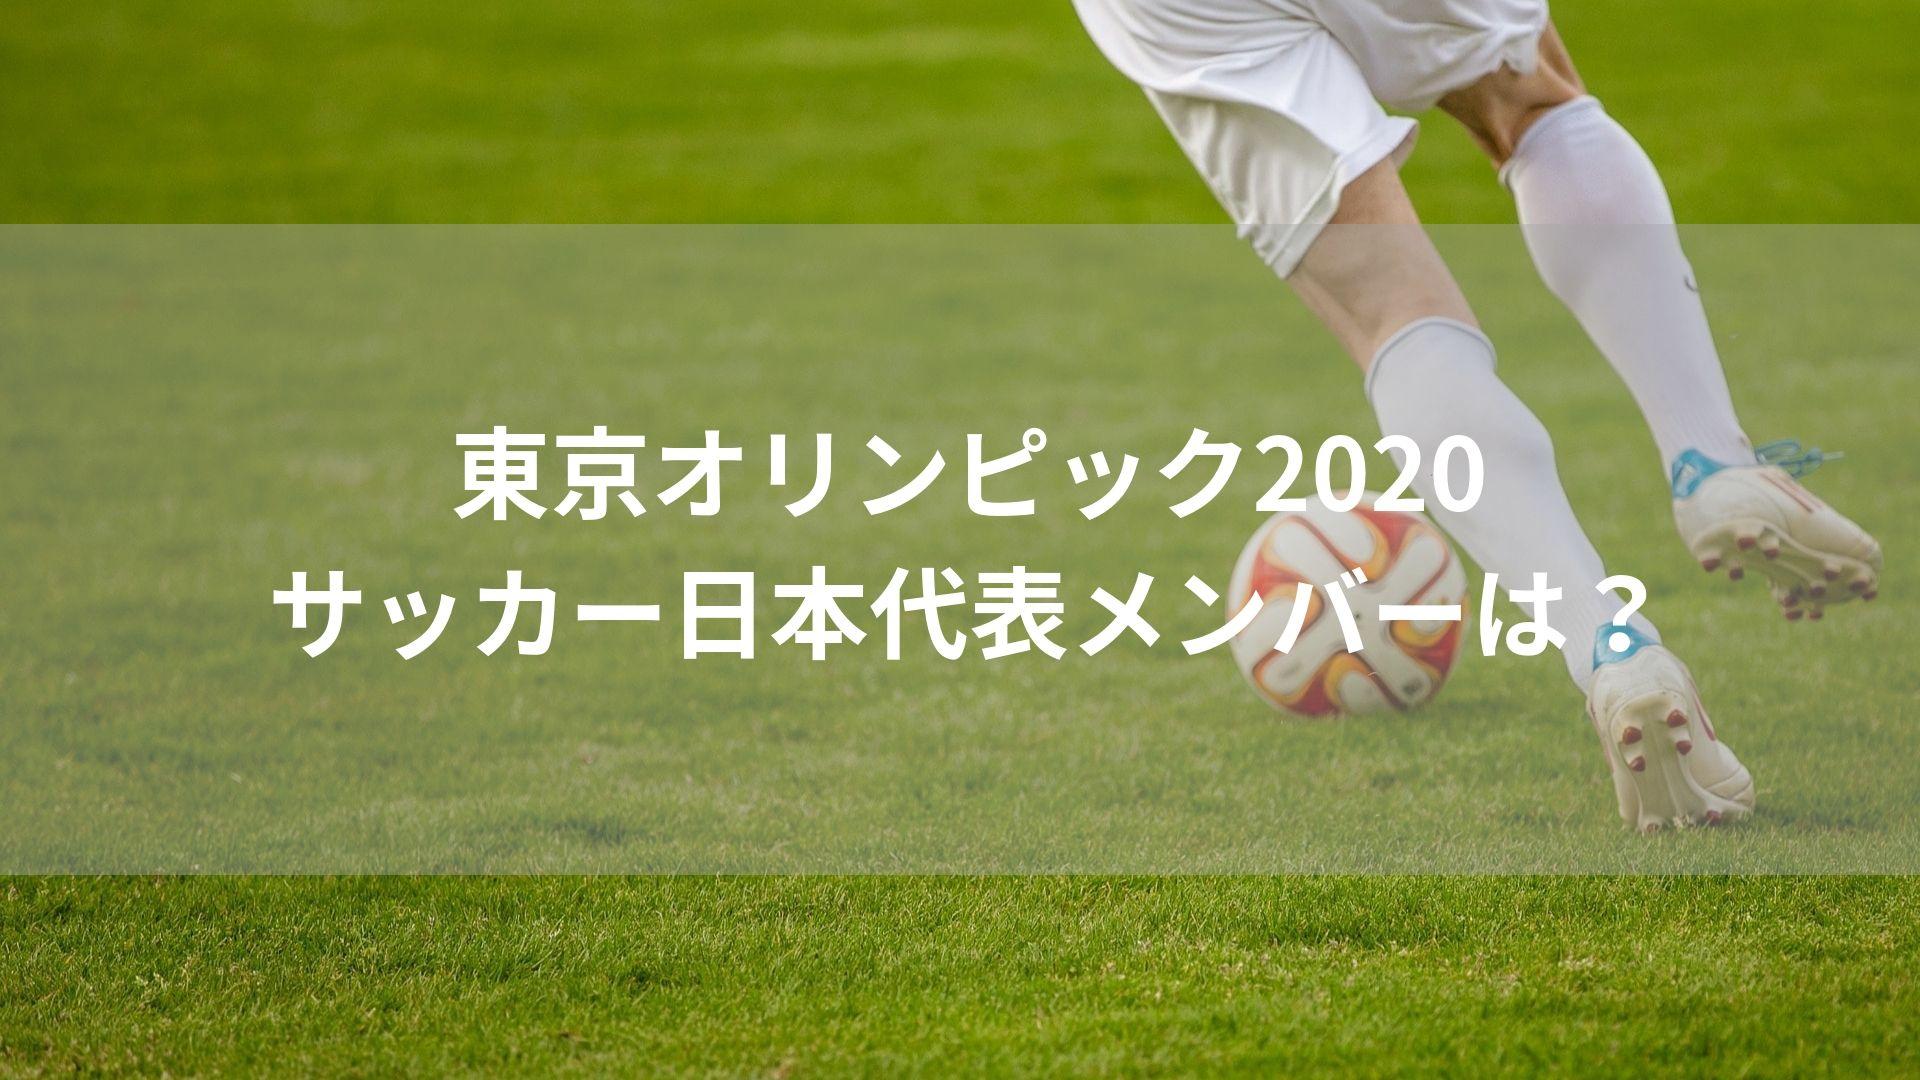 東京オリンピックサッカー日本代表